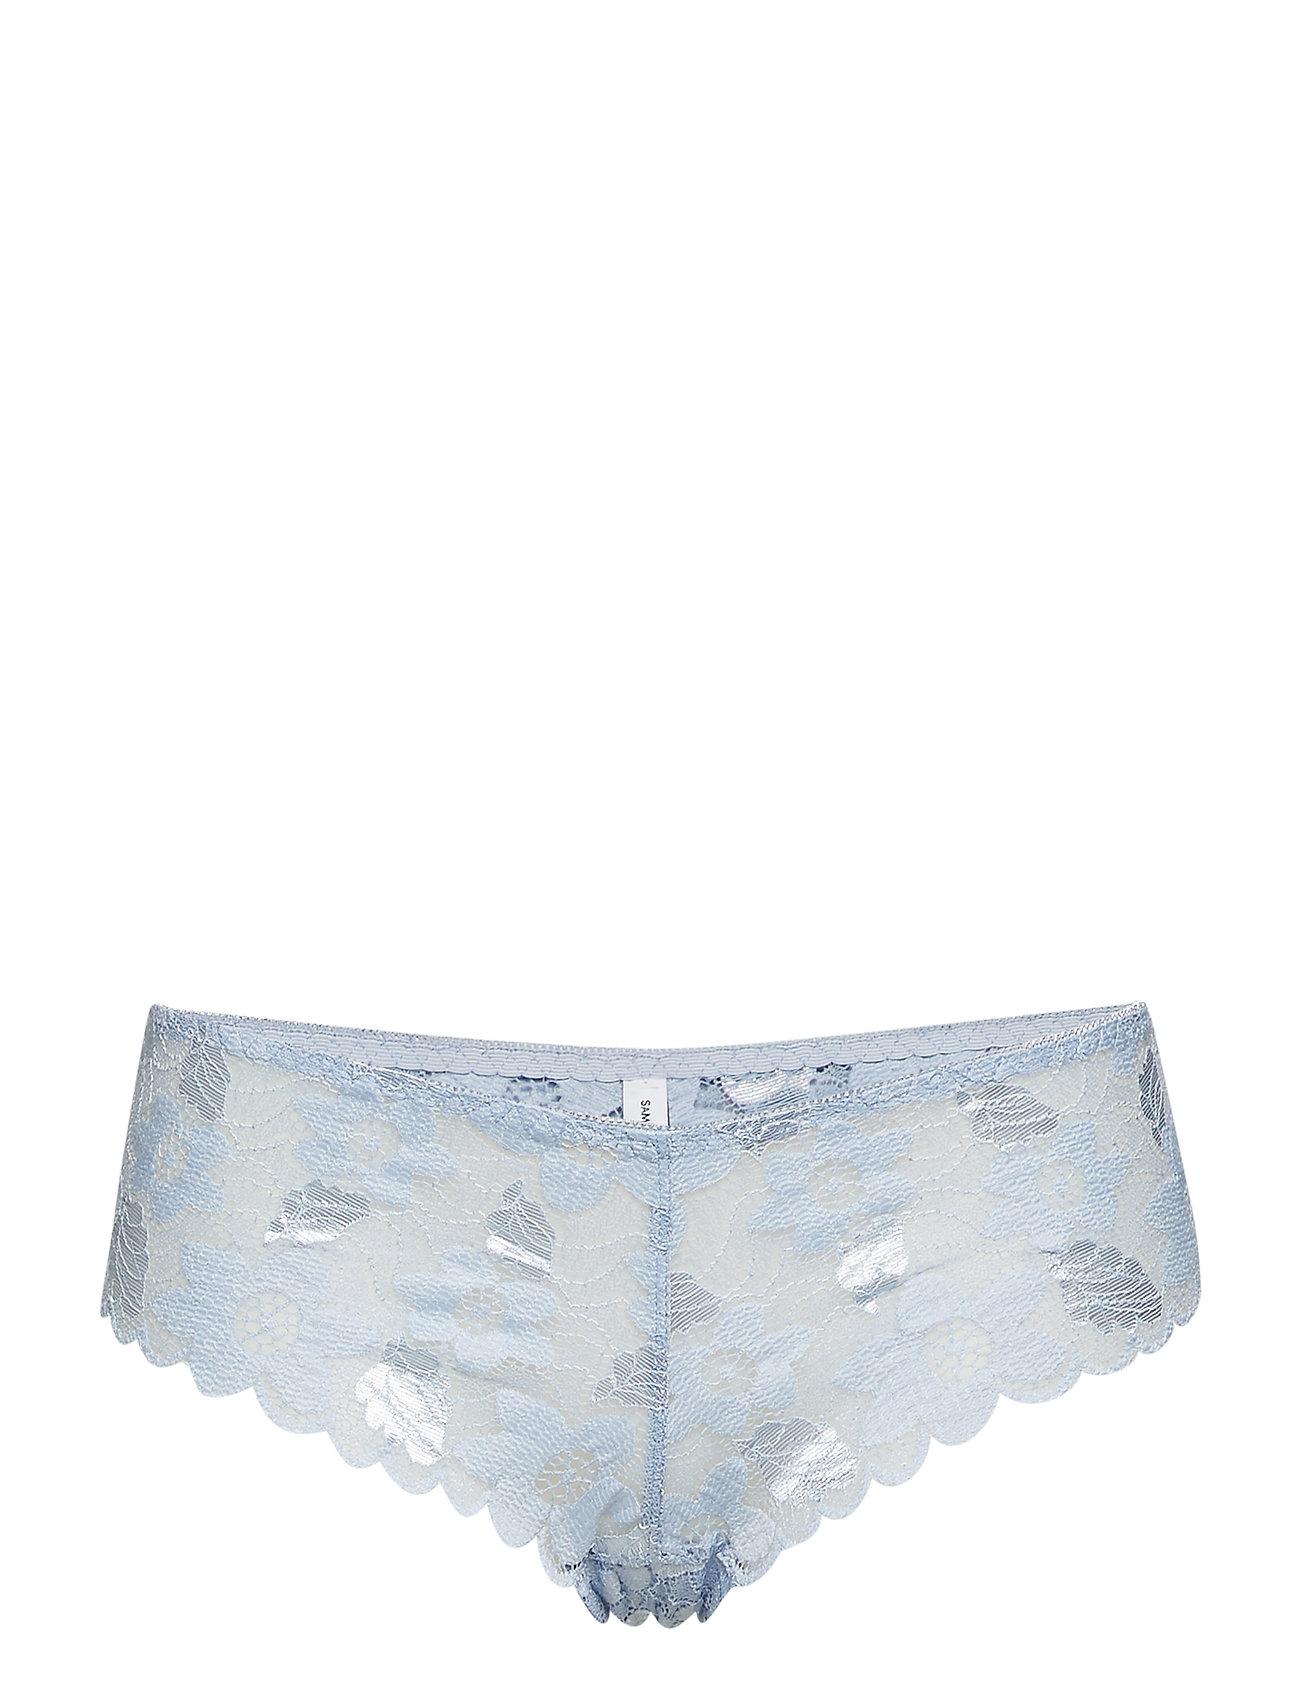 Samsøe & Samsøe Tandy panties 6356 - ZEN BLUE